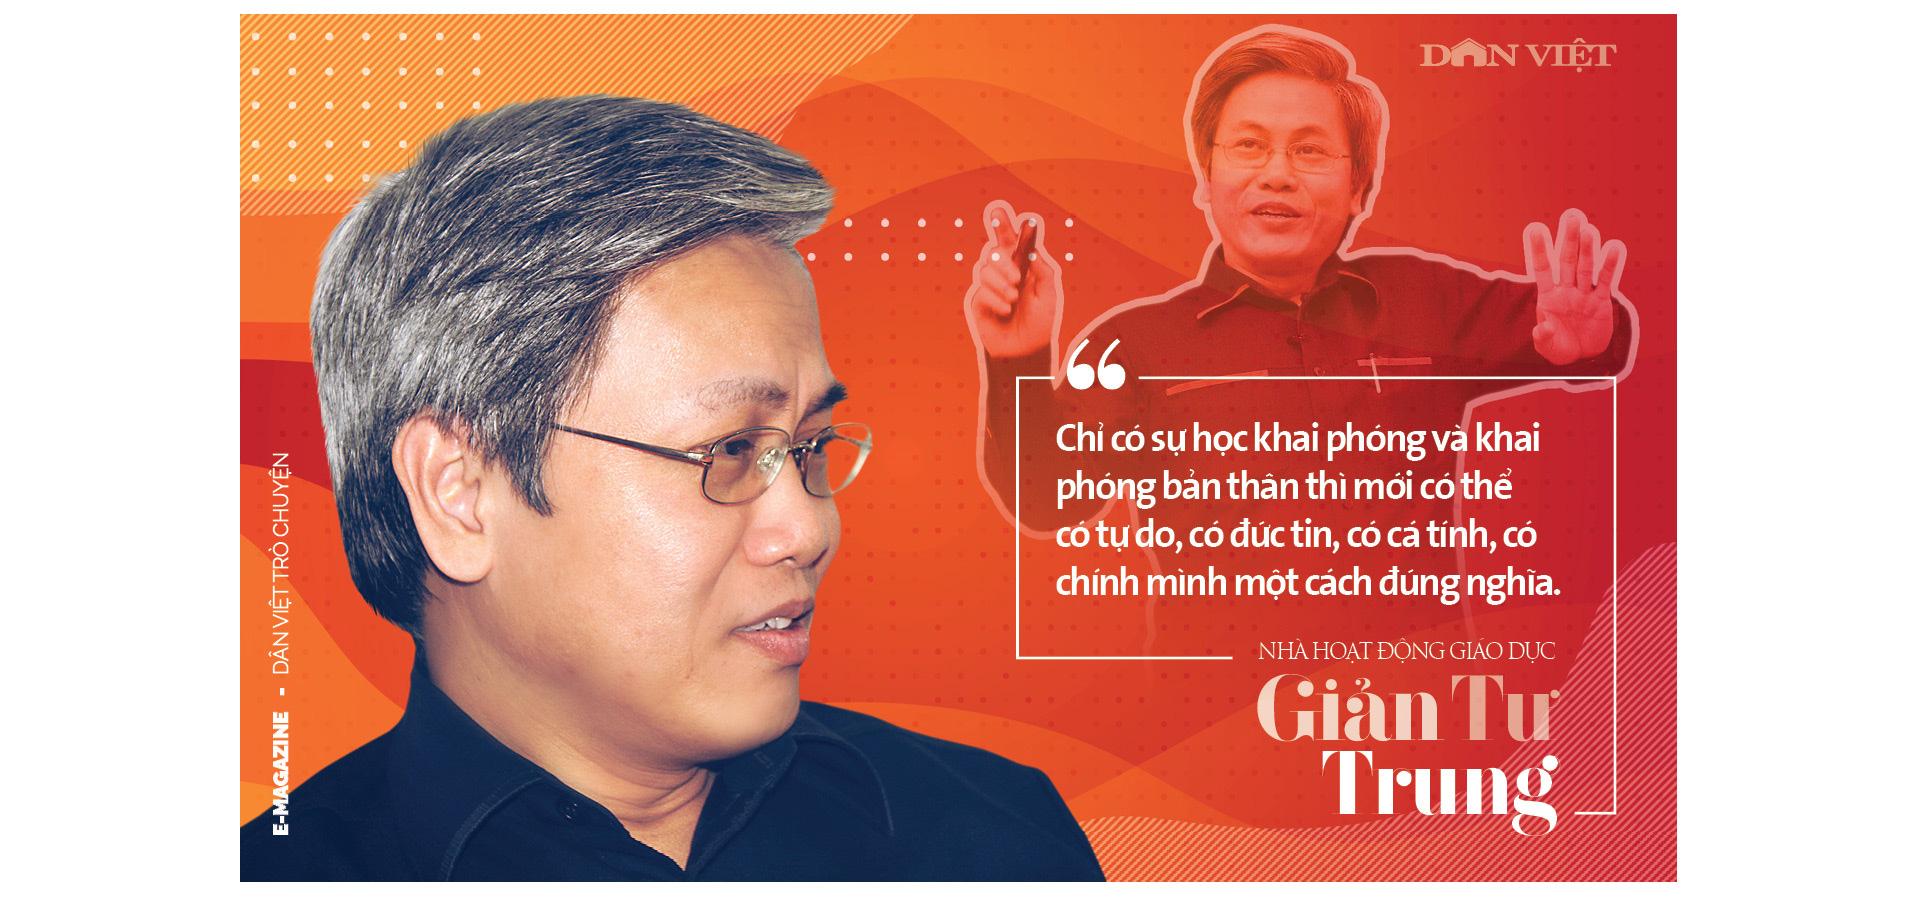 Nhà hoạt động giáo dục Giản Tư Trung: Người miệt mài thúc đẩy giáo dục khai phóng bằng cách mạng sự học - Ảnh 4.